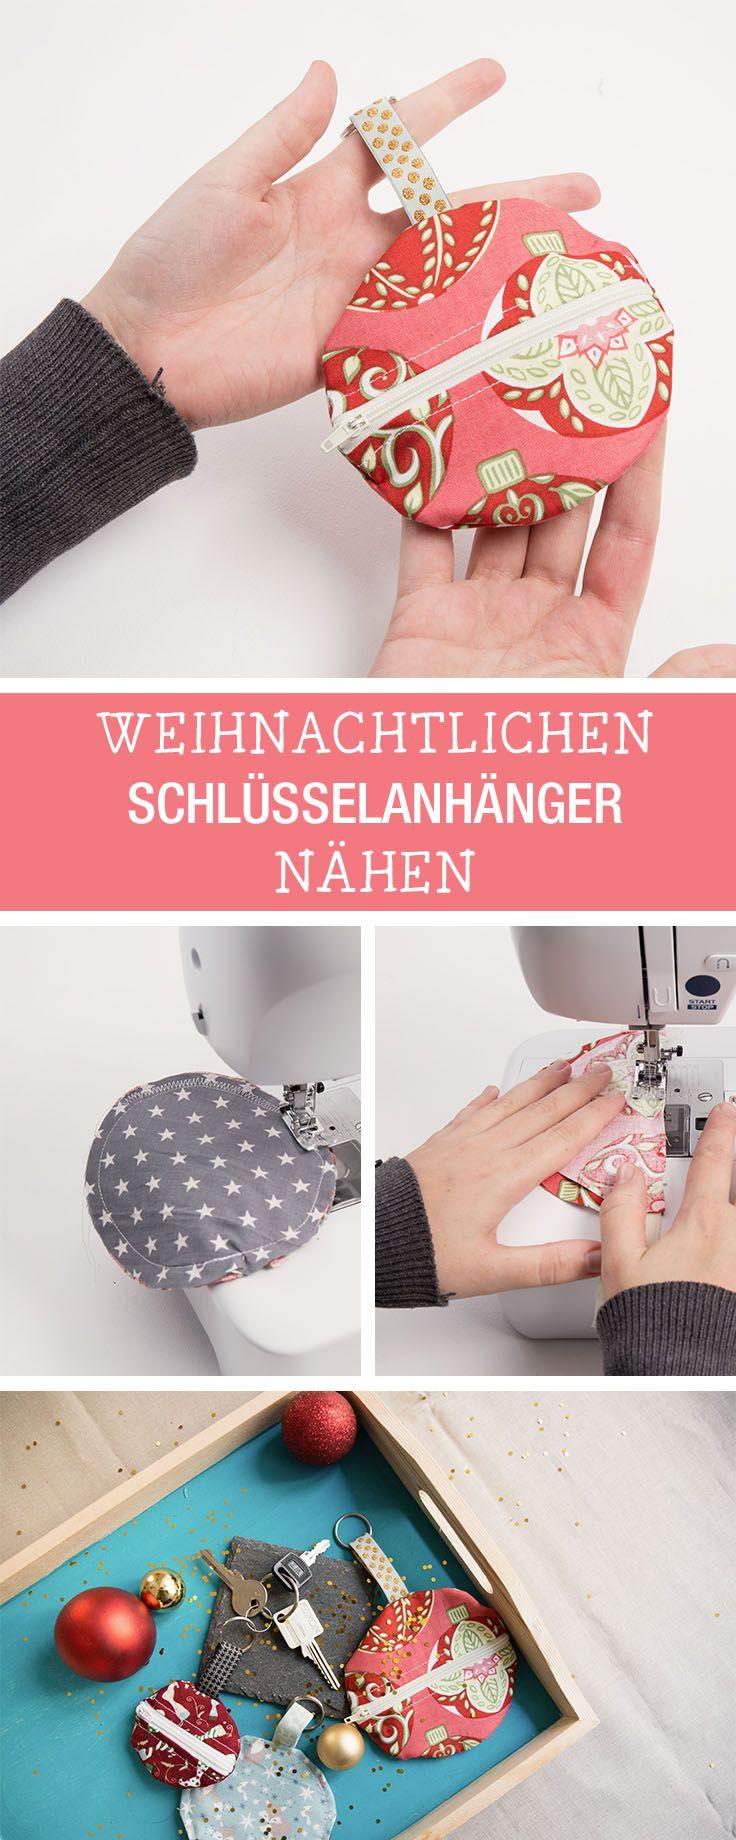 Nähanleitung für eine Schlüsseltasche in Weihnachtsoptik, Schlüsselanhänger / diy sewing tutorial for a key chain bag via DaWanda.com